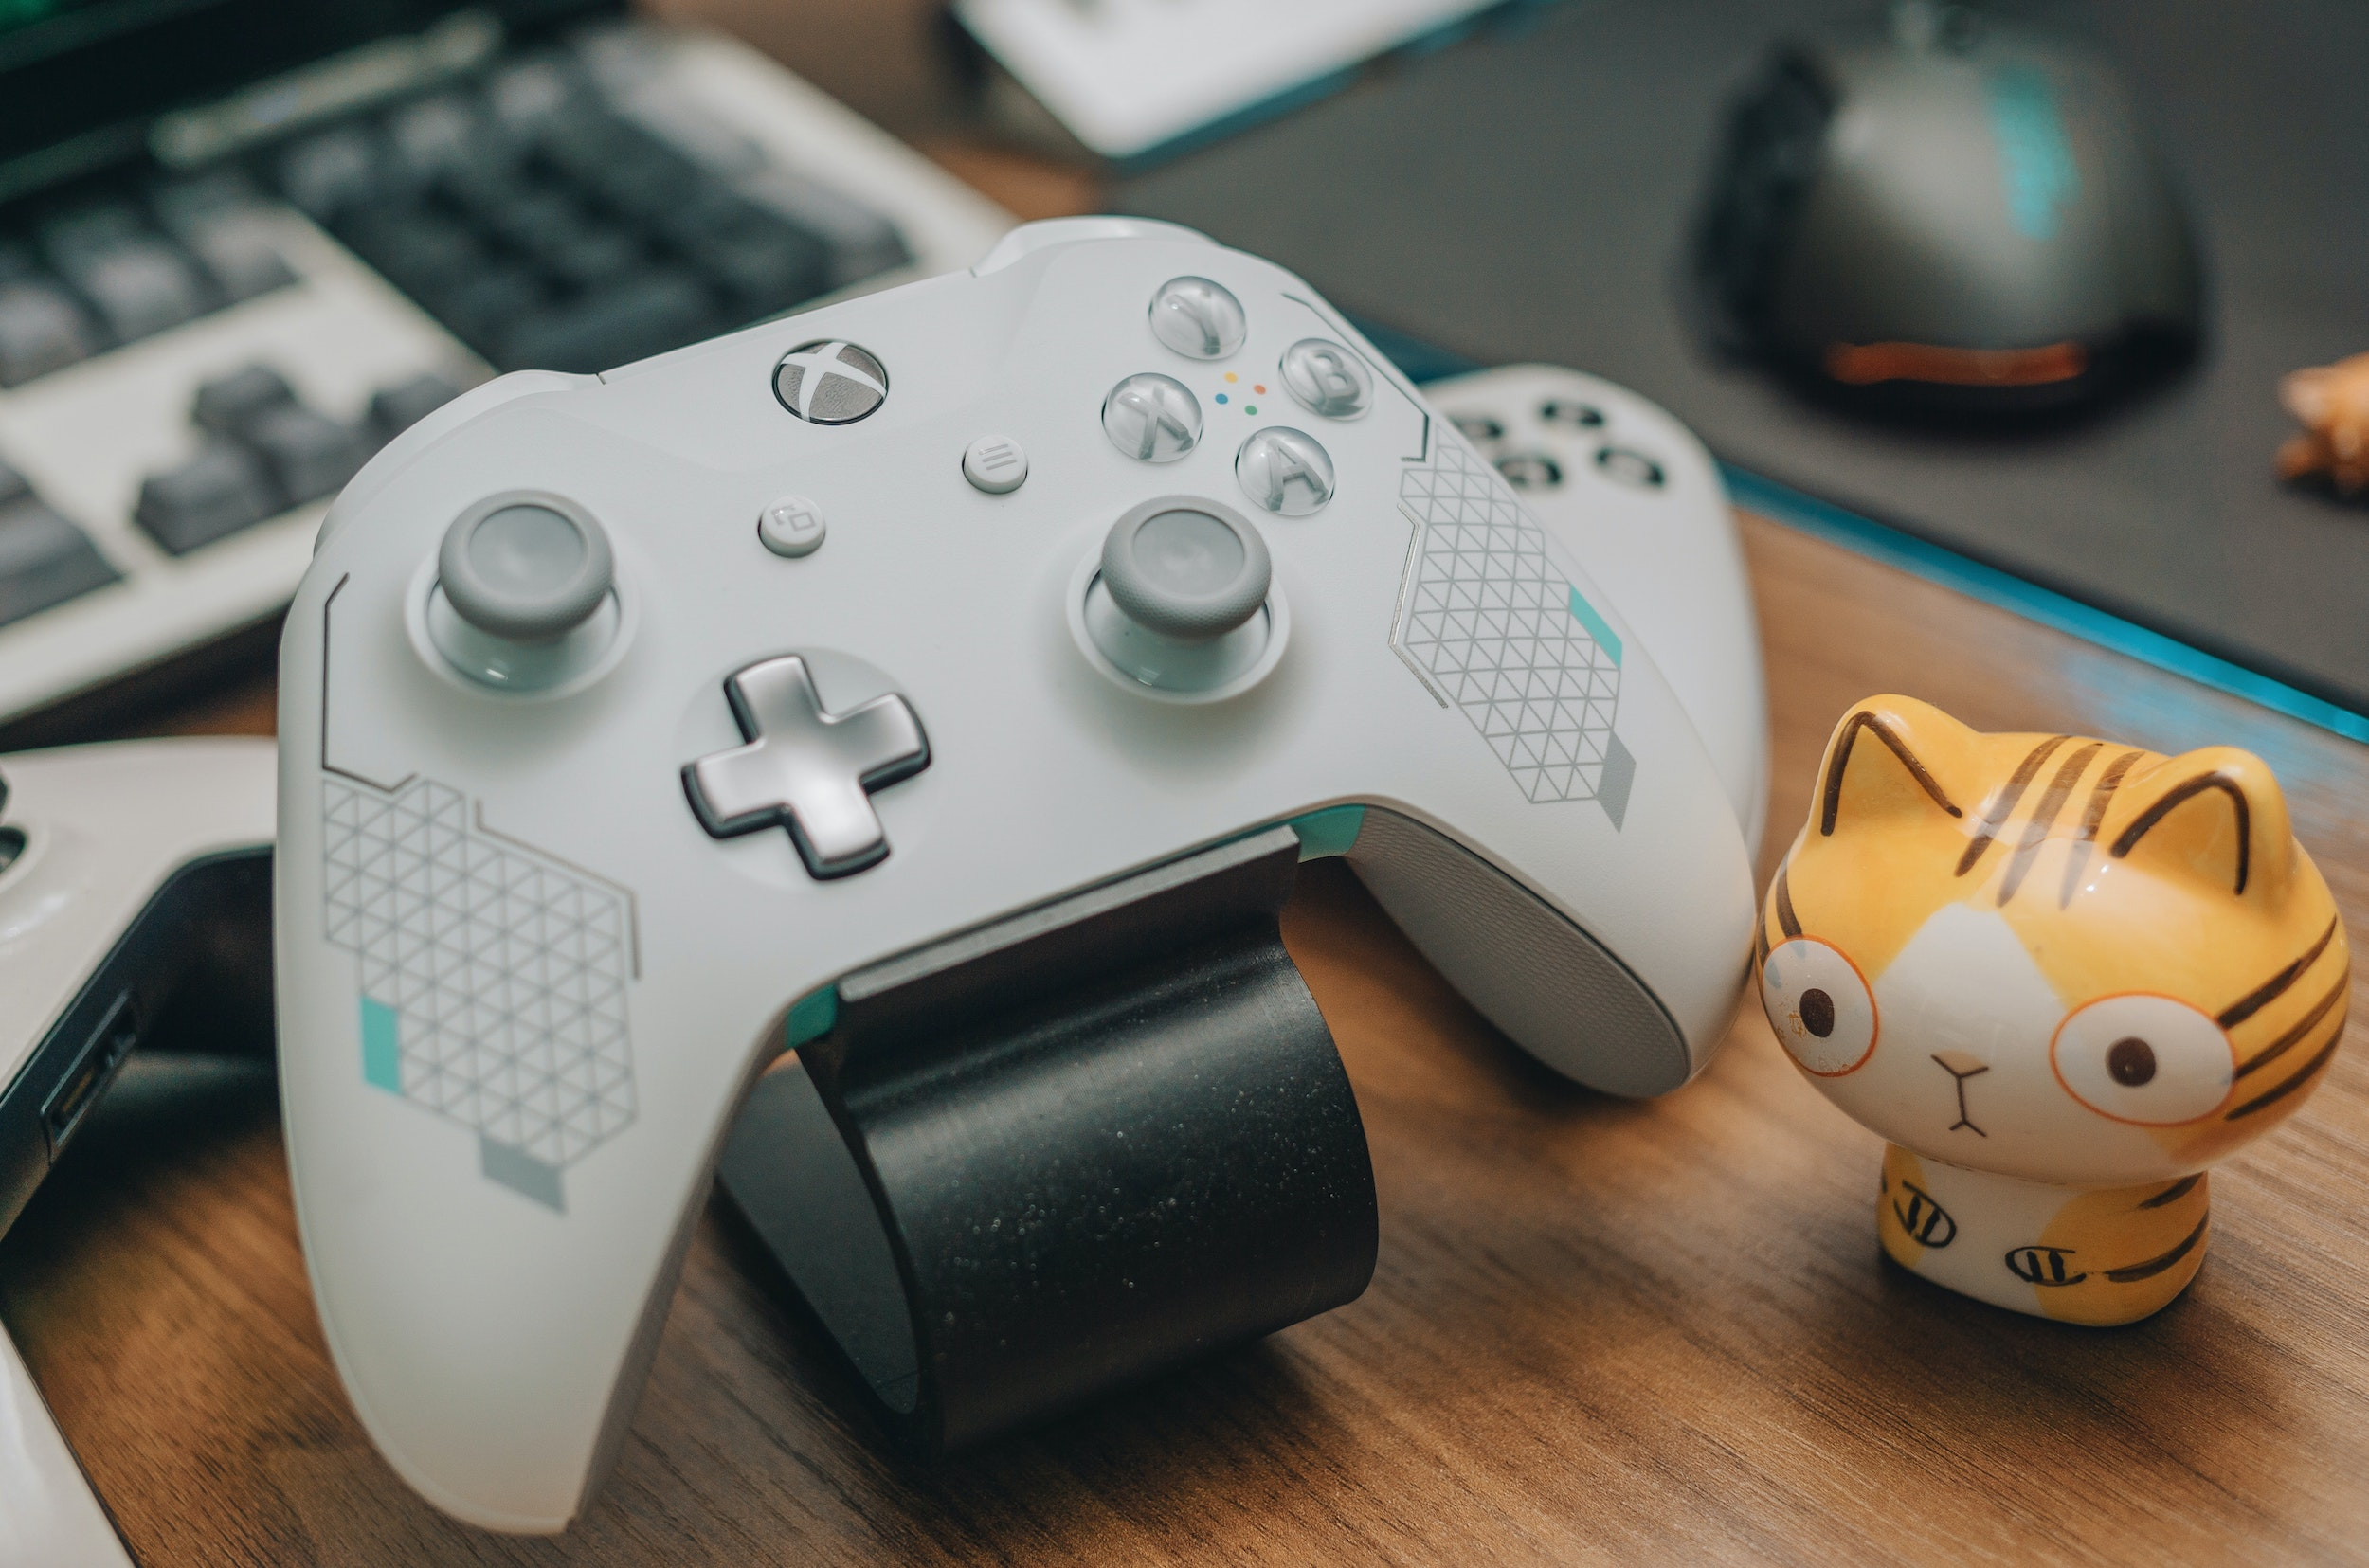 Czym różni się Xbox 360 od Xbox One